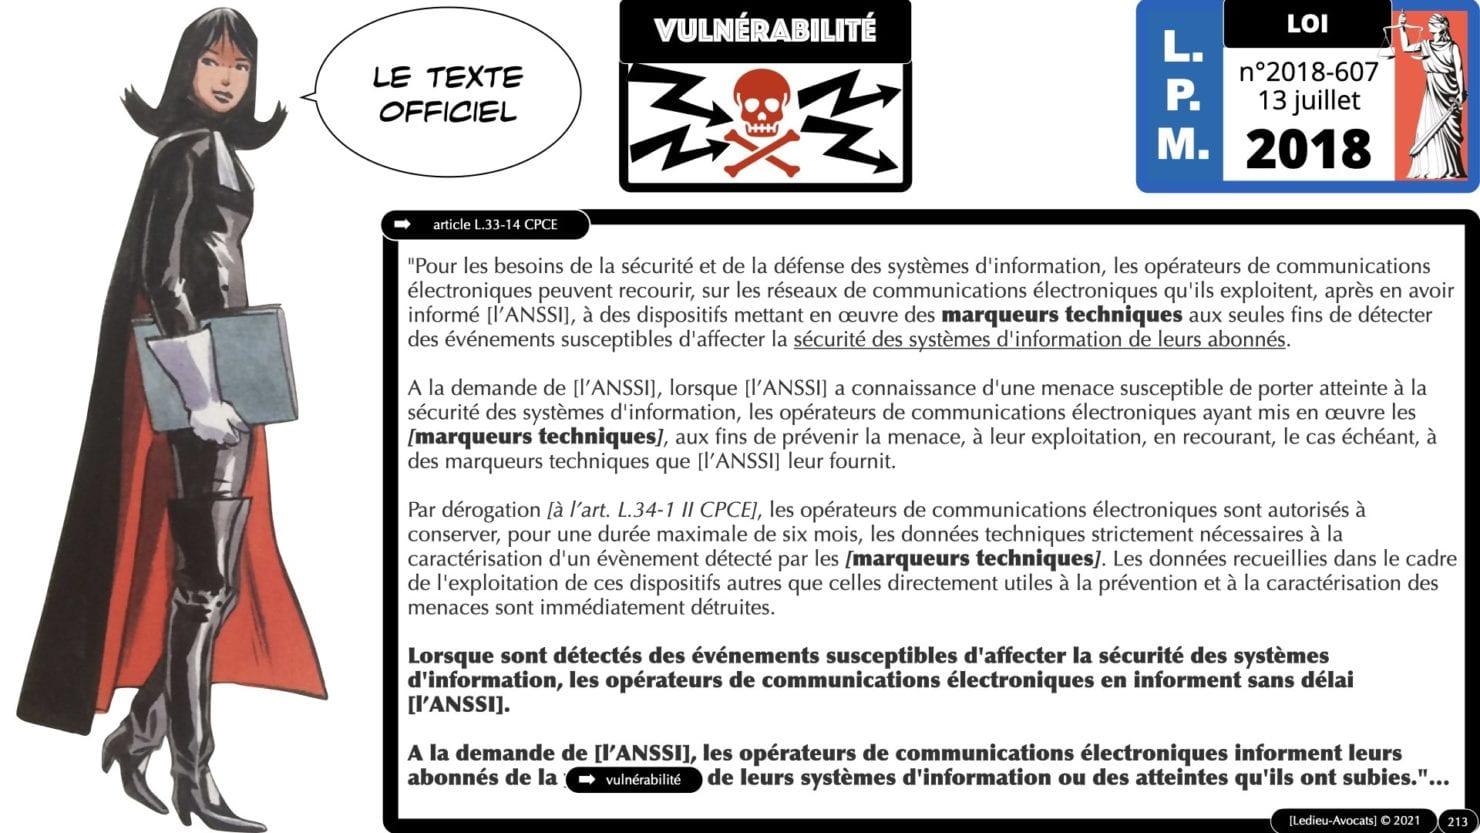 333 CYBER ATTAQUE responsabilité pénale civile contrat © Ledieu-Avocats 23-05-2021.213